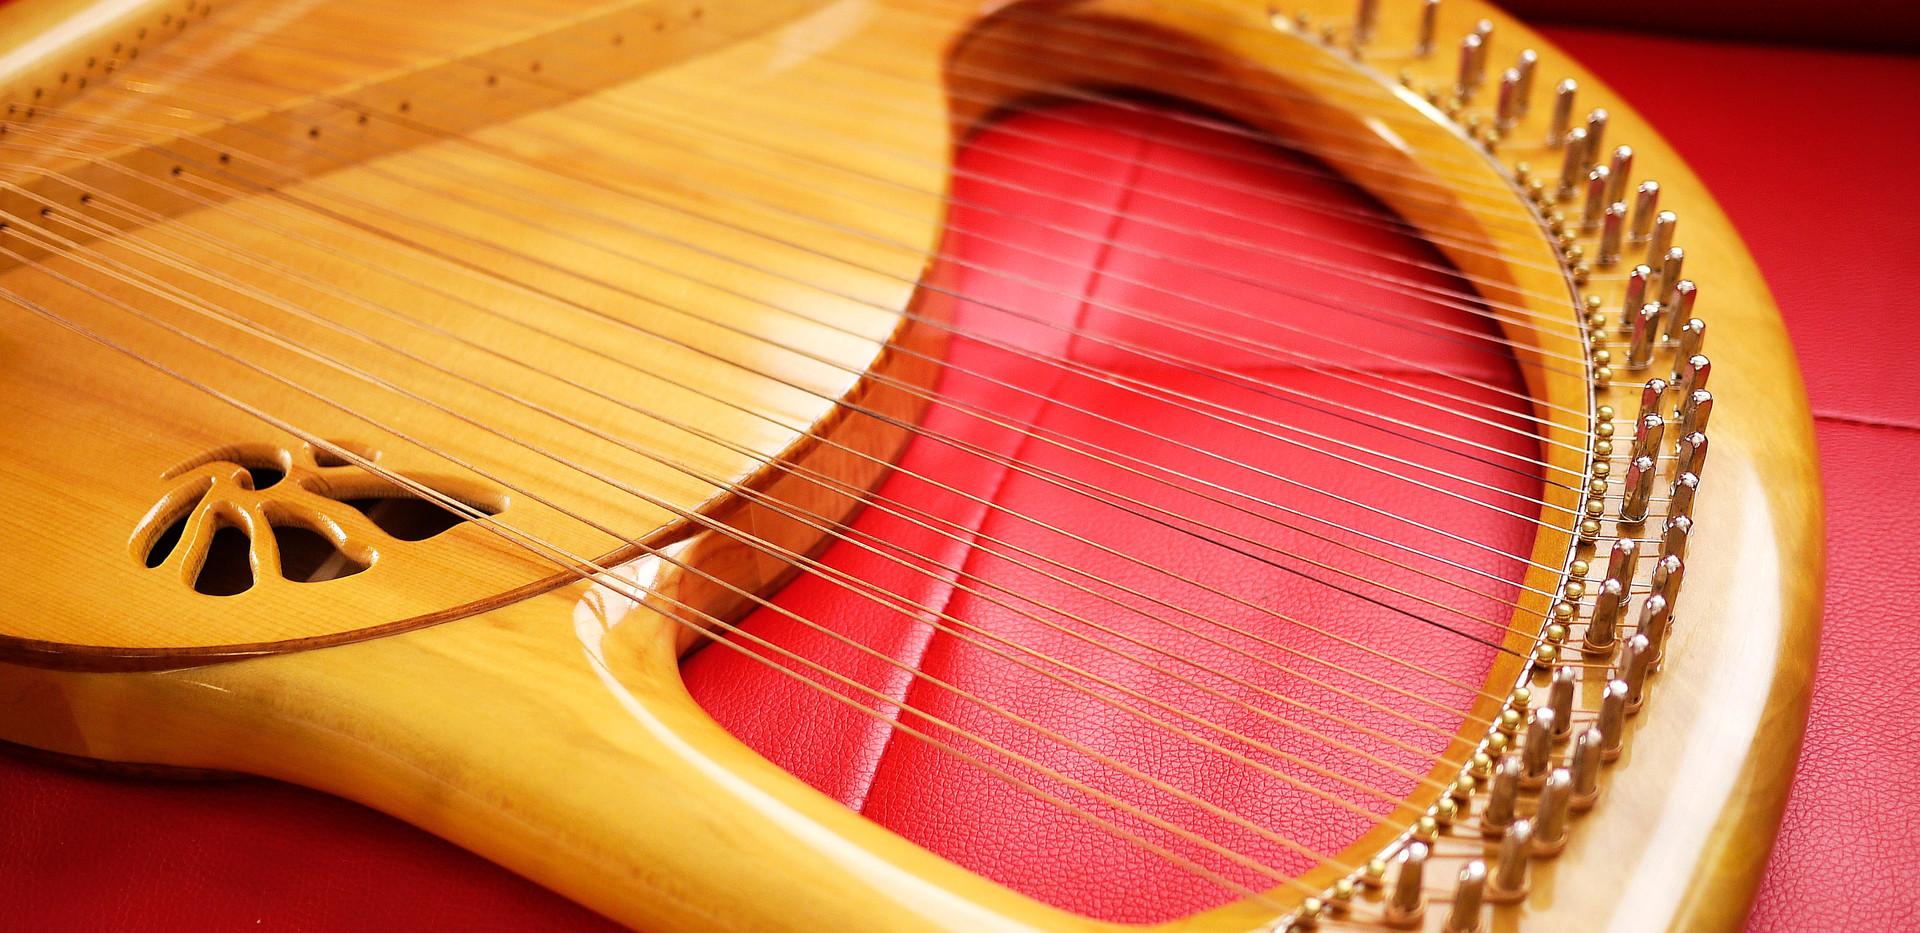 アフロディーテの竪琴リーアノンモデル.JPG